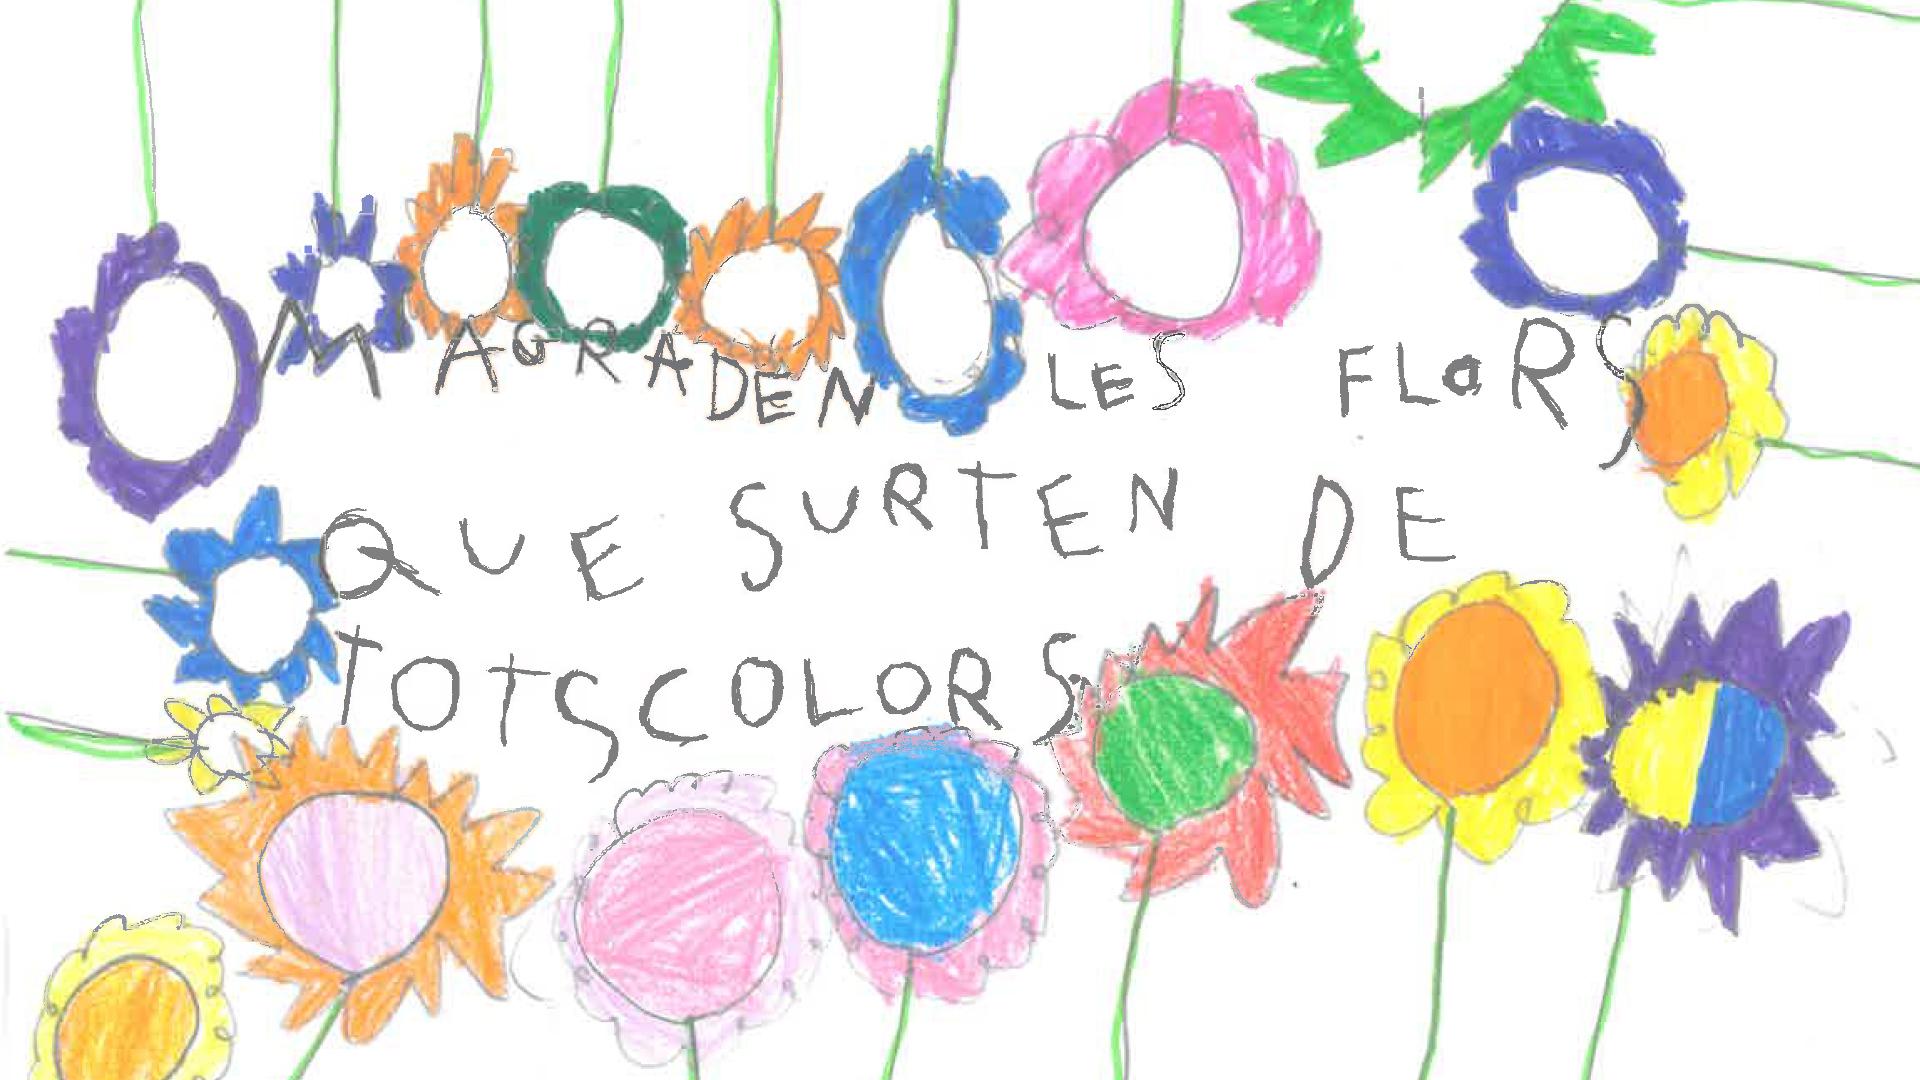 Guanyadores i guanyadors de la 34a edició dels Jocs Florals Escolars